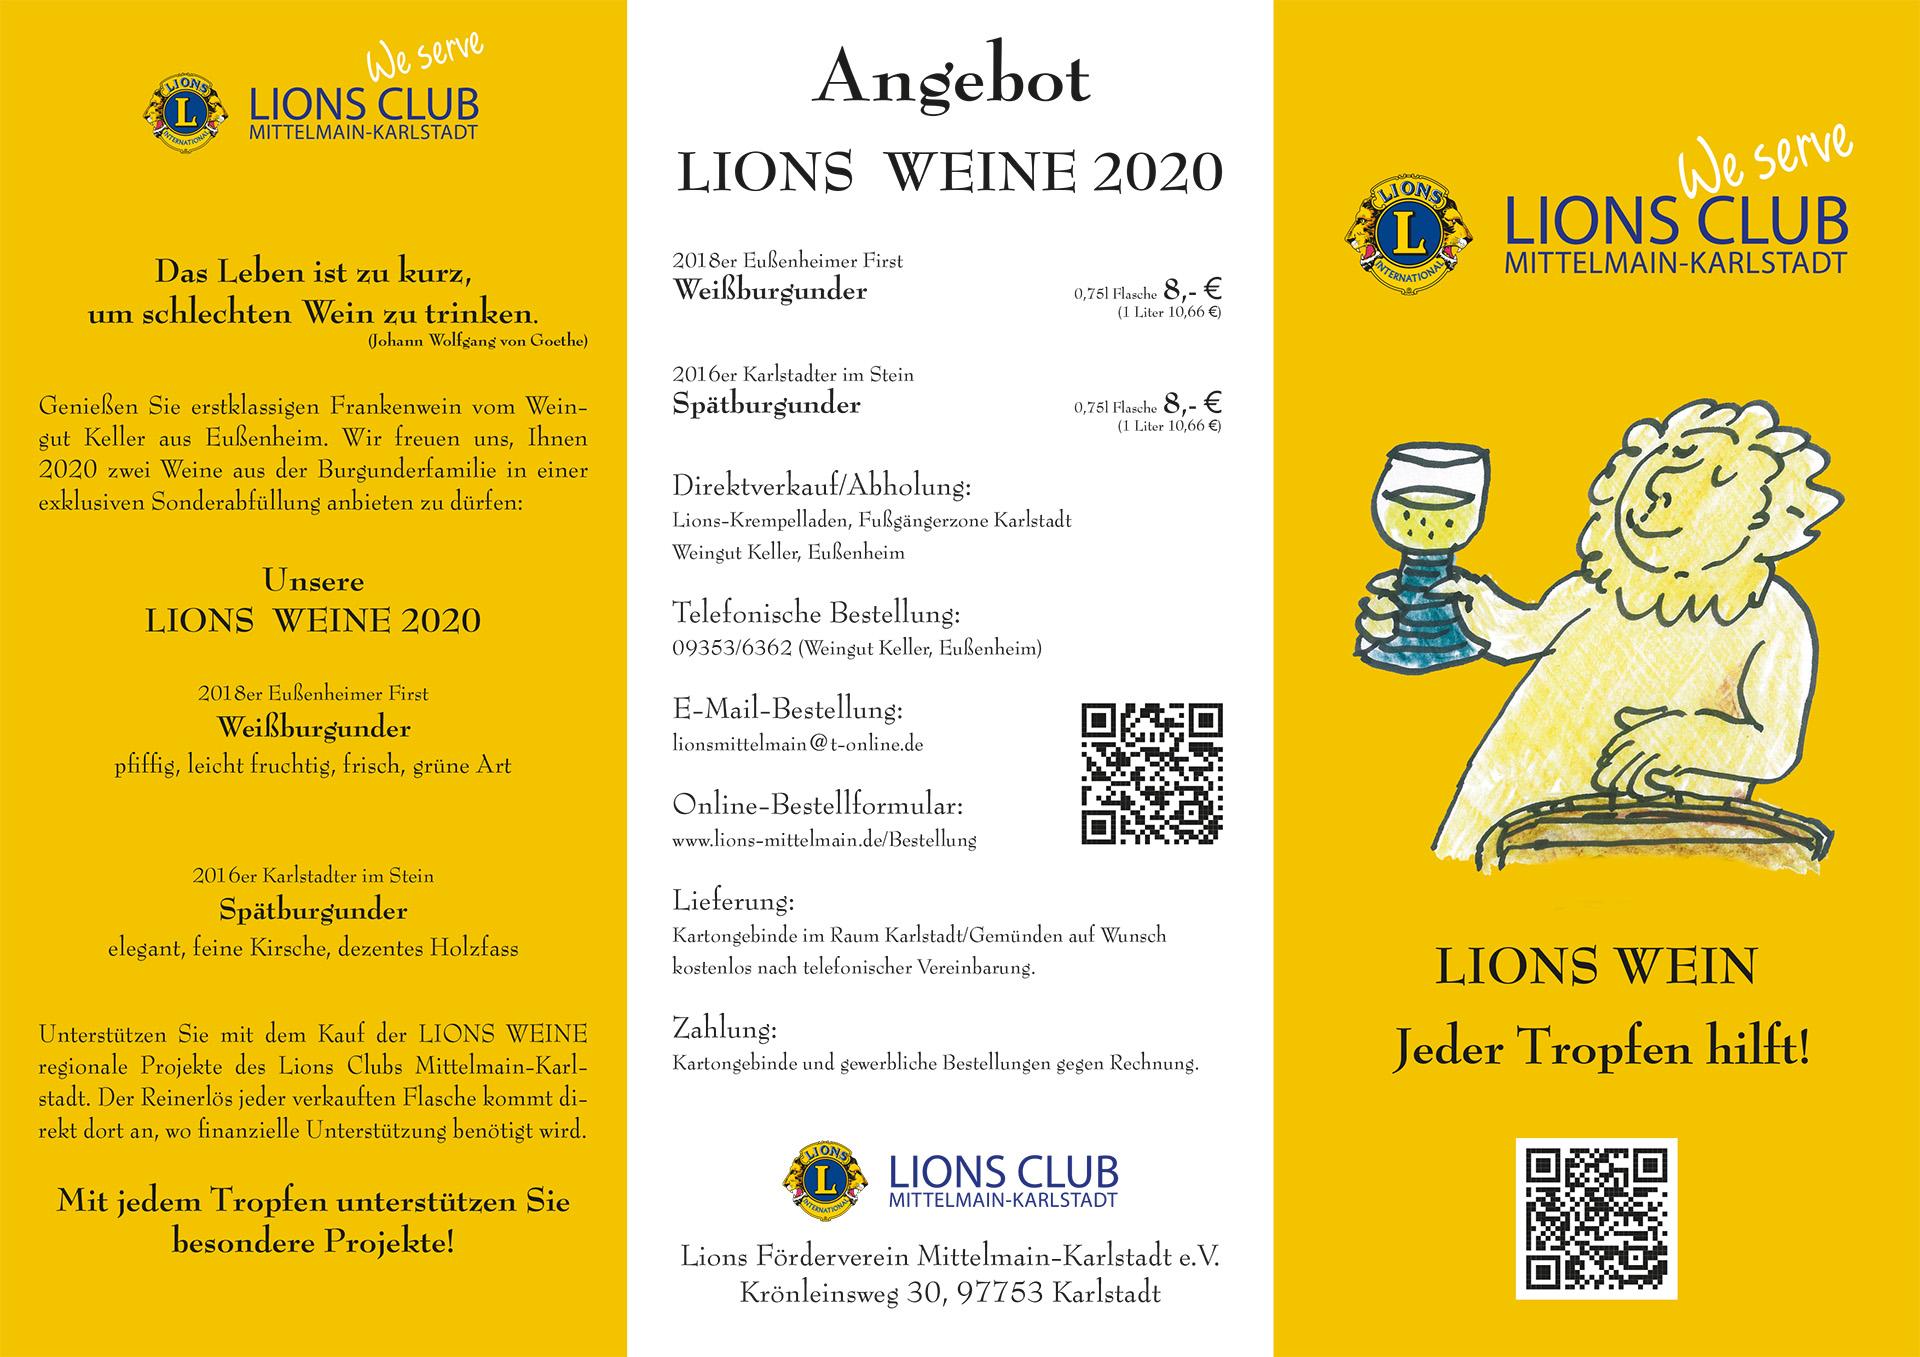 Lions Wein 2020